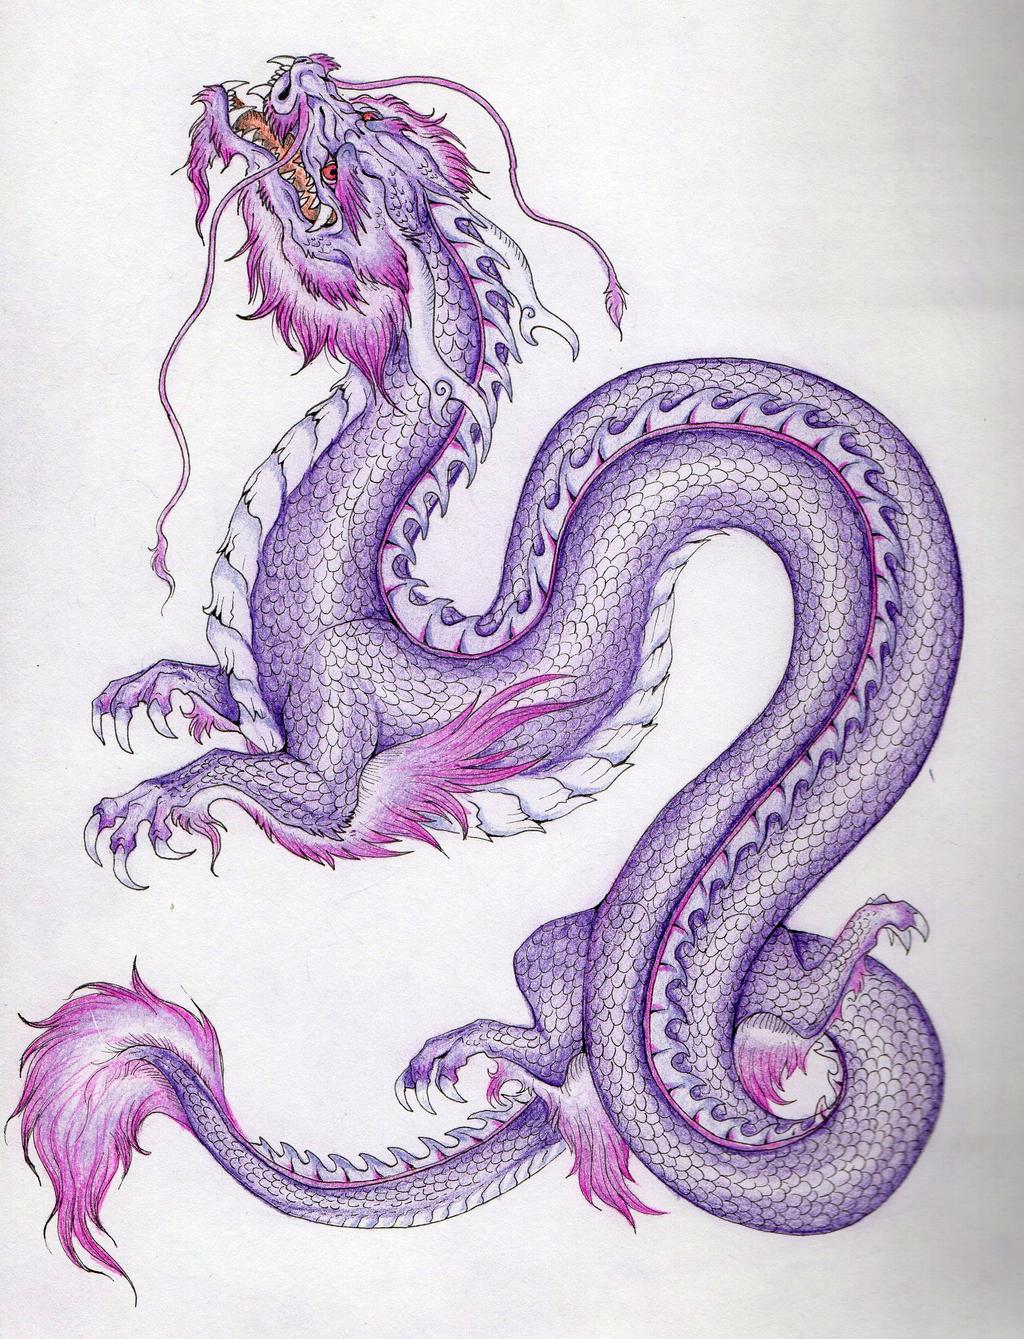 Valentineu0027s Dragon By Hironi Valentineu0027s Dragon By Hironi